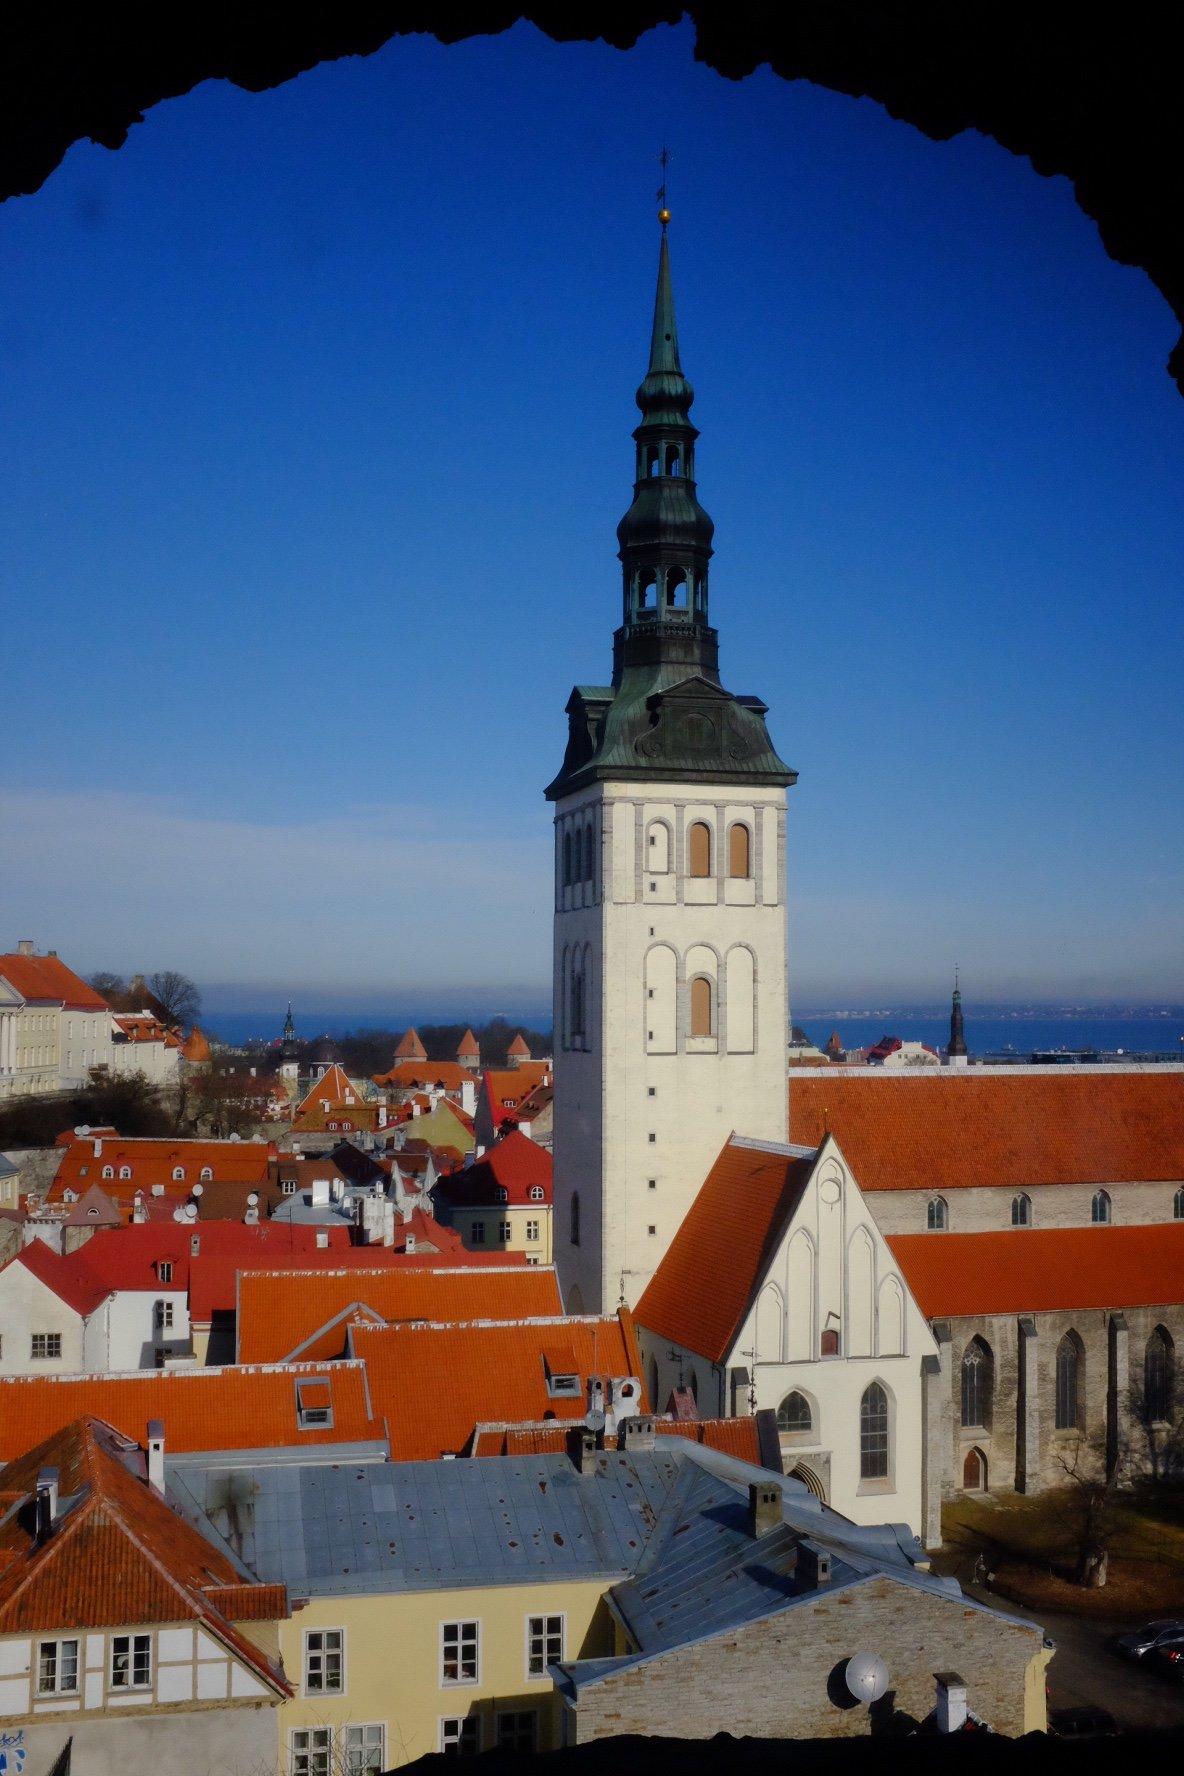 St.Nicholas Church in Tallinn